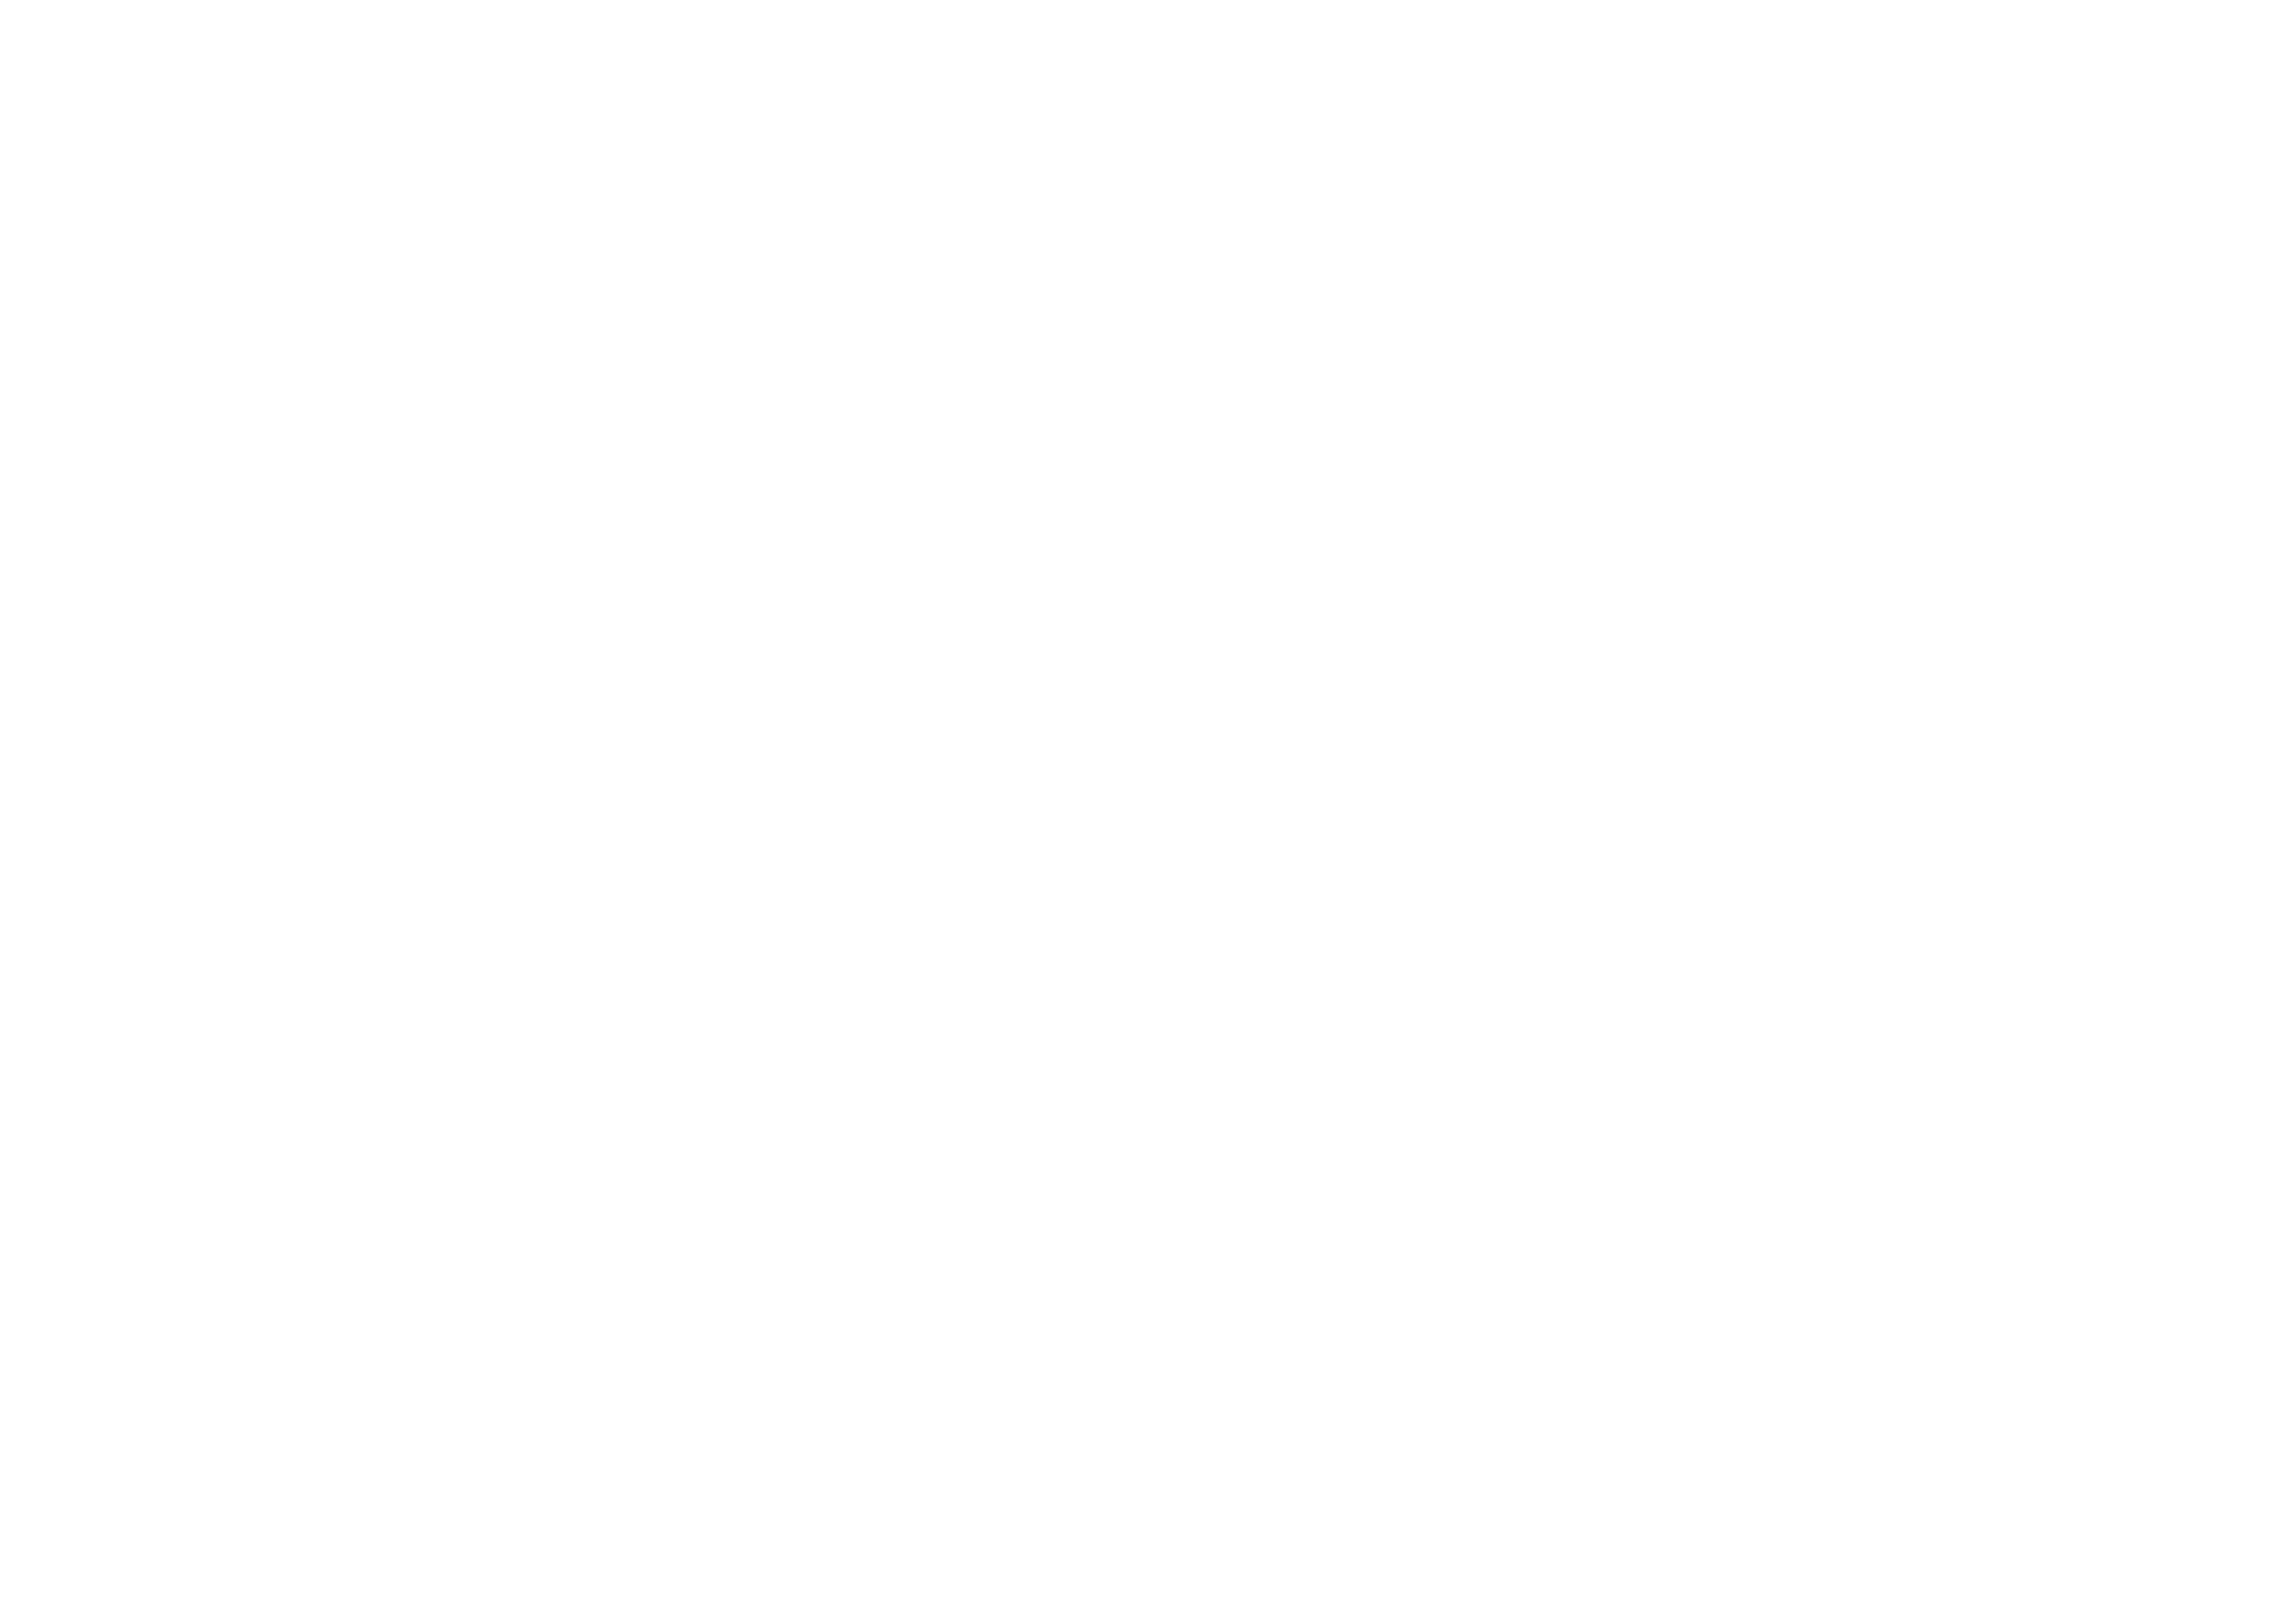 castalla logo bianco_Tavola disegno 1